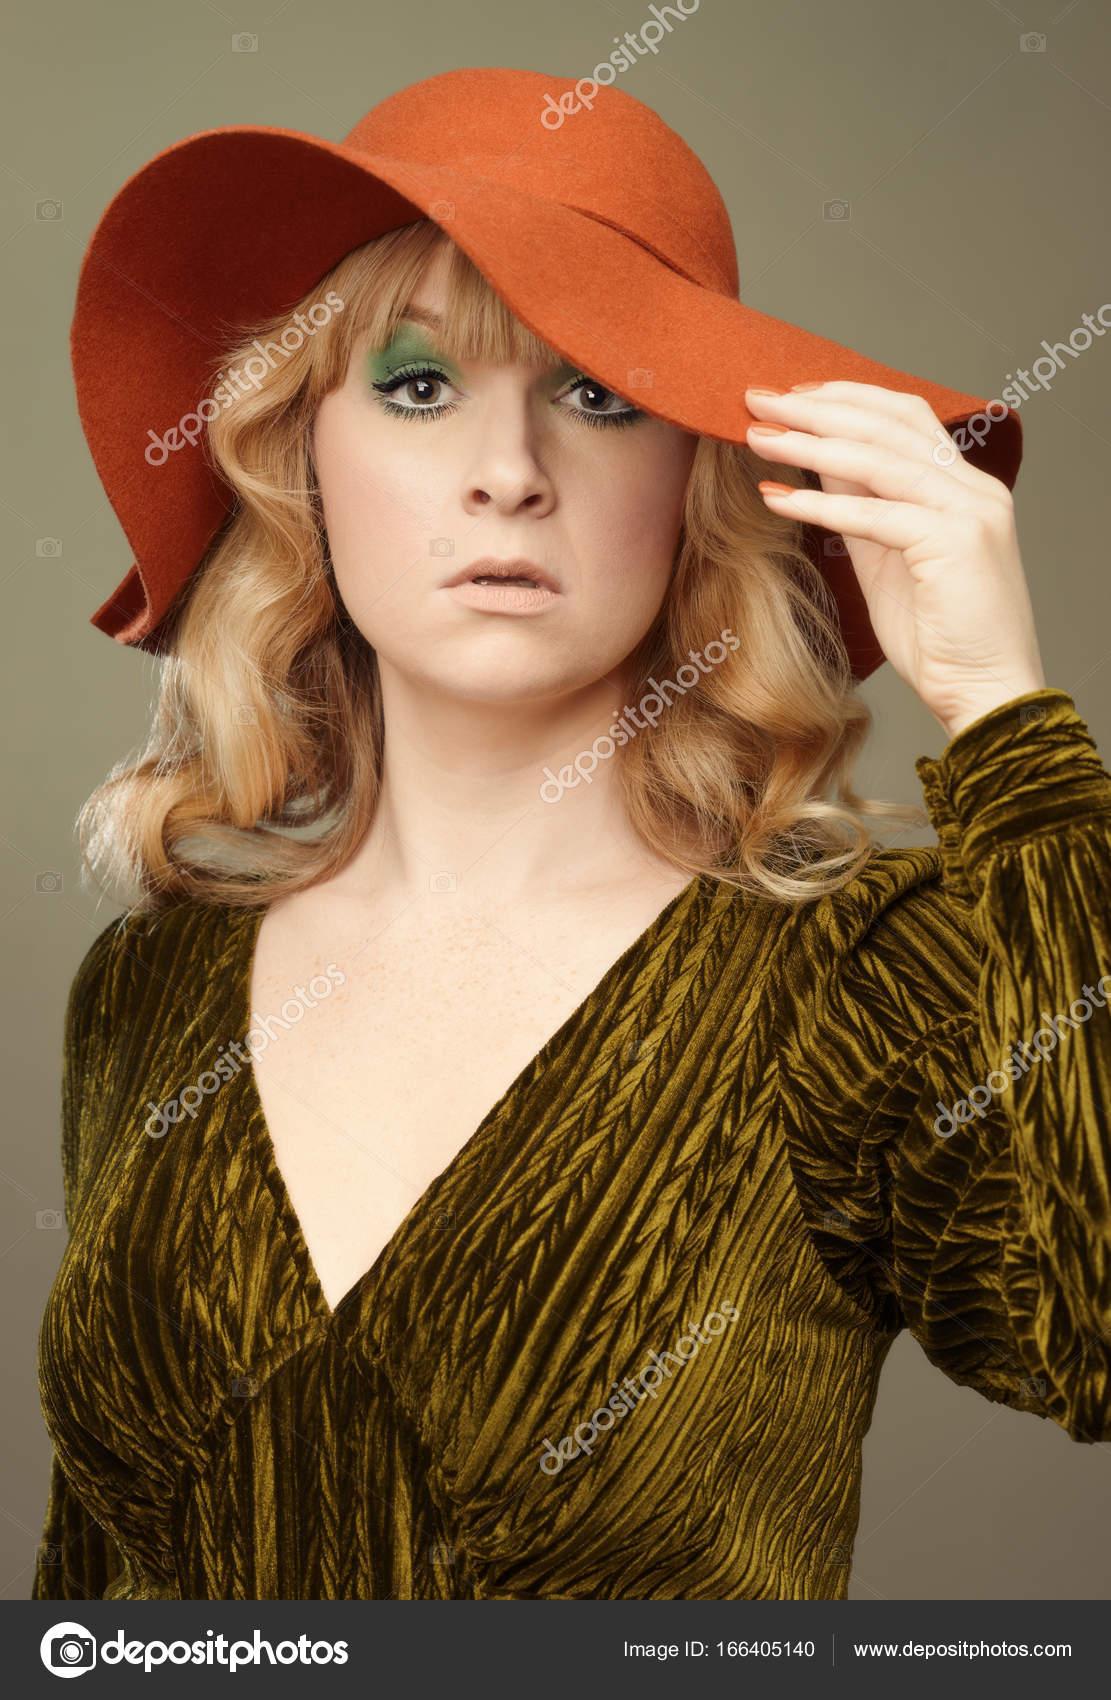 frau gekleidet in siebziger jahre vintage mode in herbstlichen farben foto von